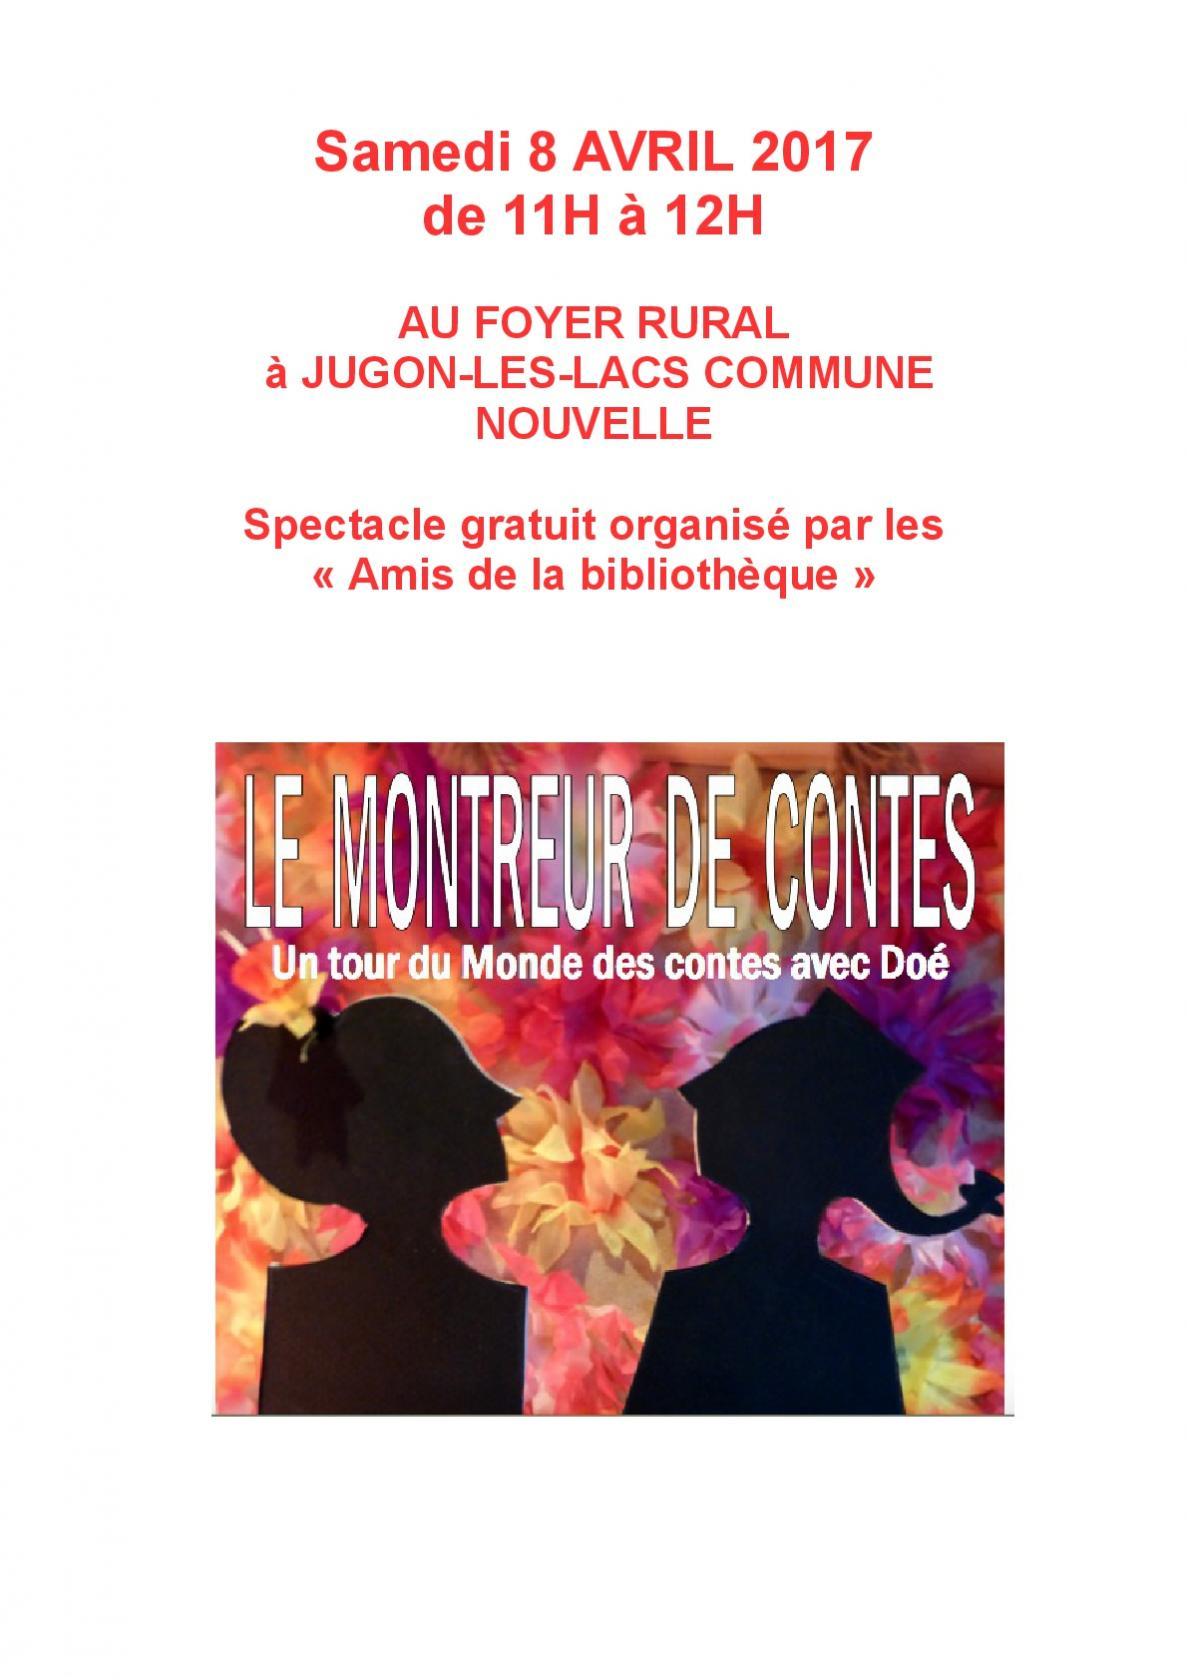 LE MONTREUR DE CONTES JUGON-LES-LACS COMMUNE NOUVELLE